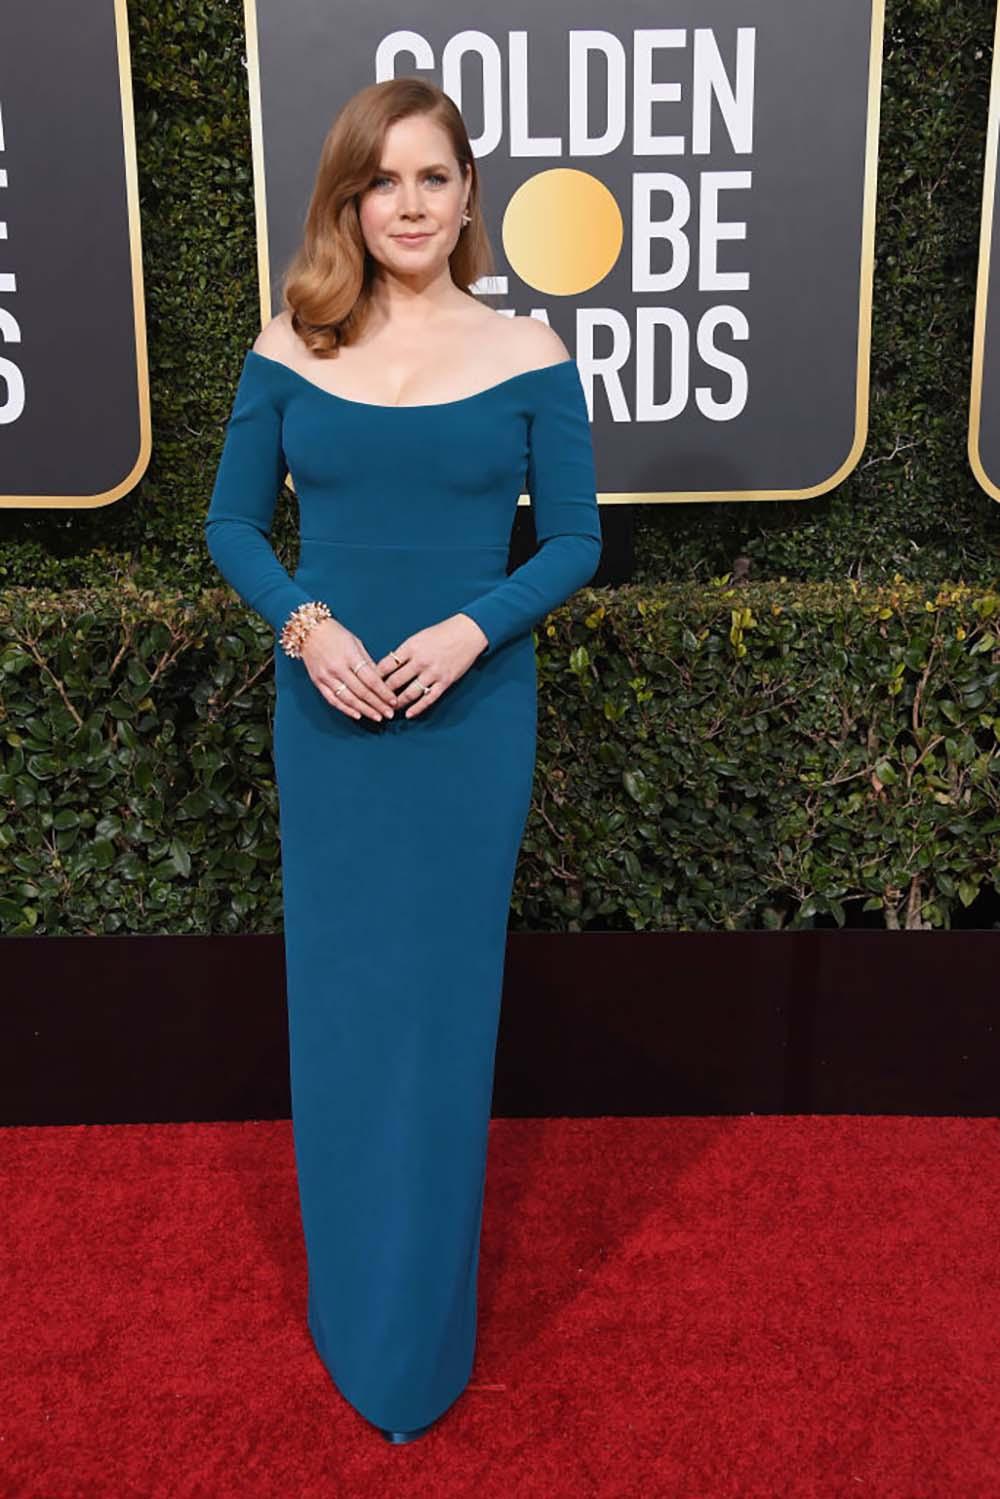 Amy-Adams-Golden-Globes.